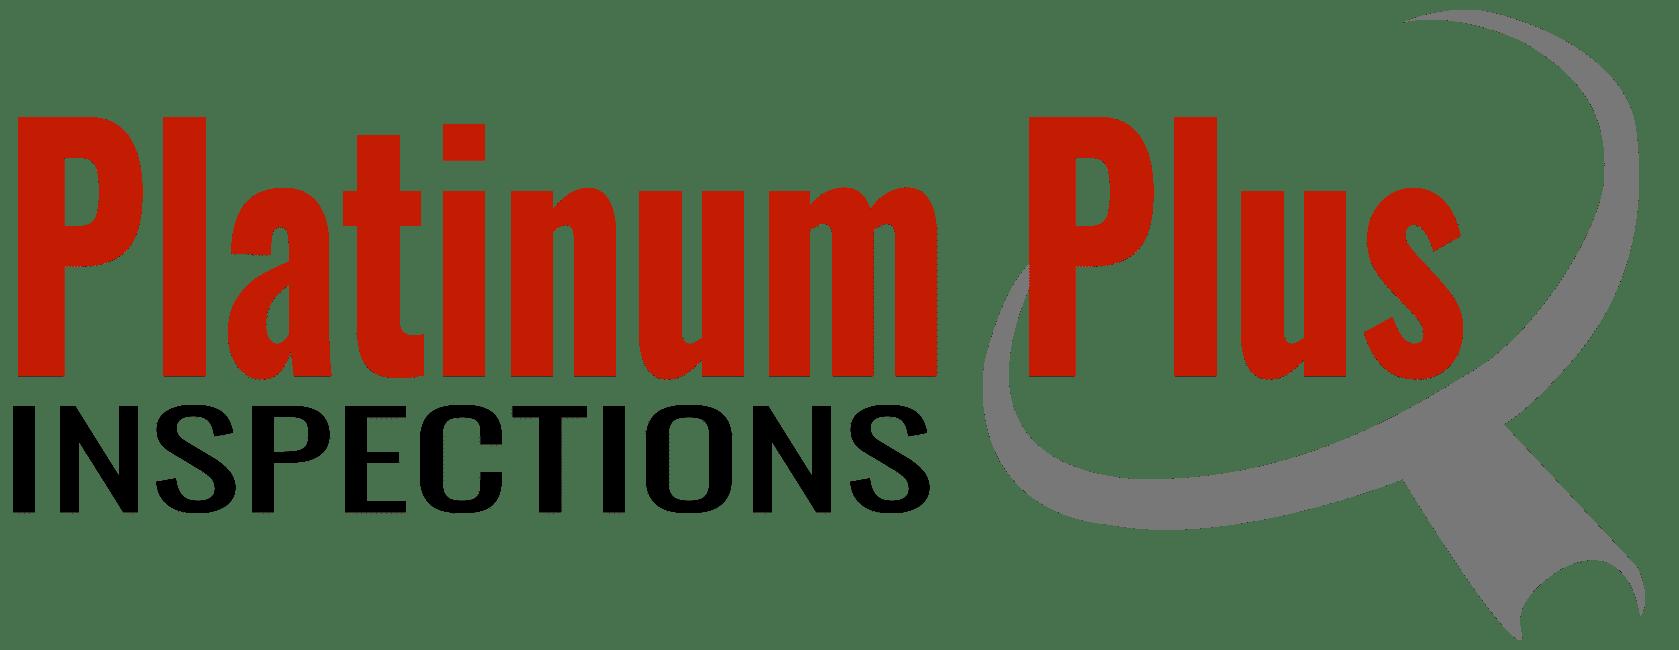 Platinum Plus Inspections